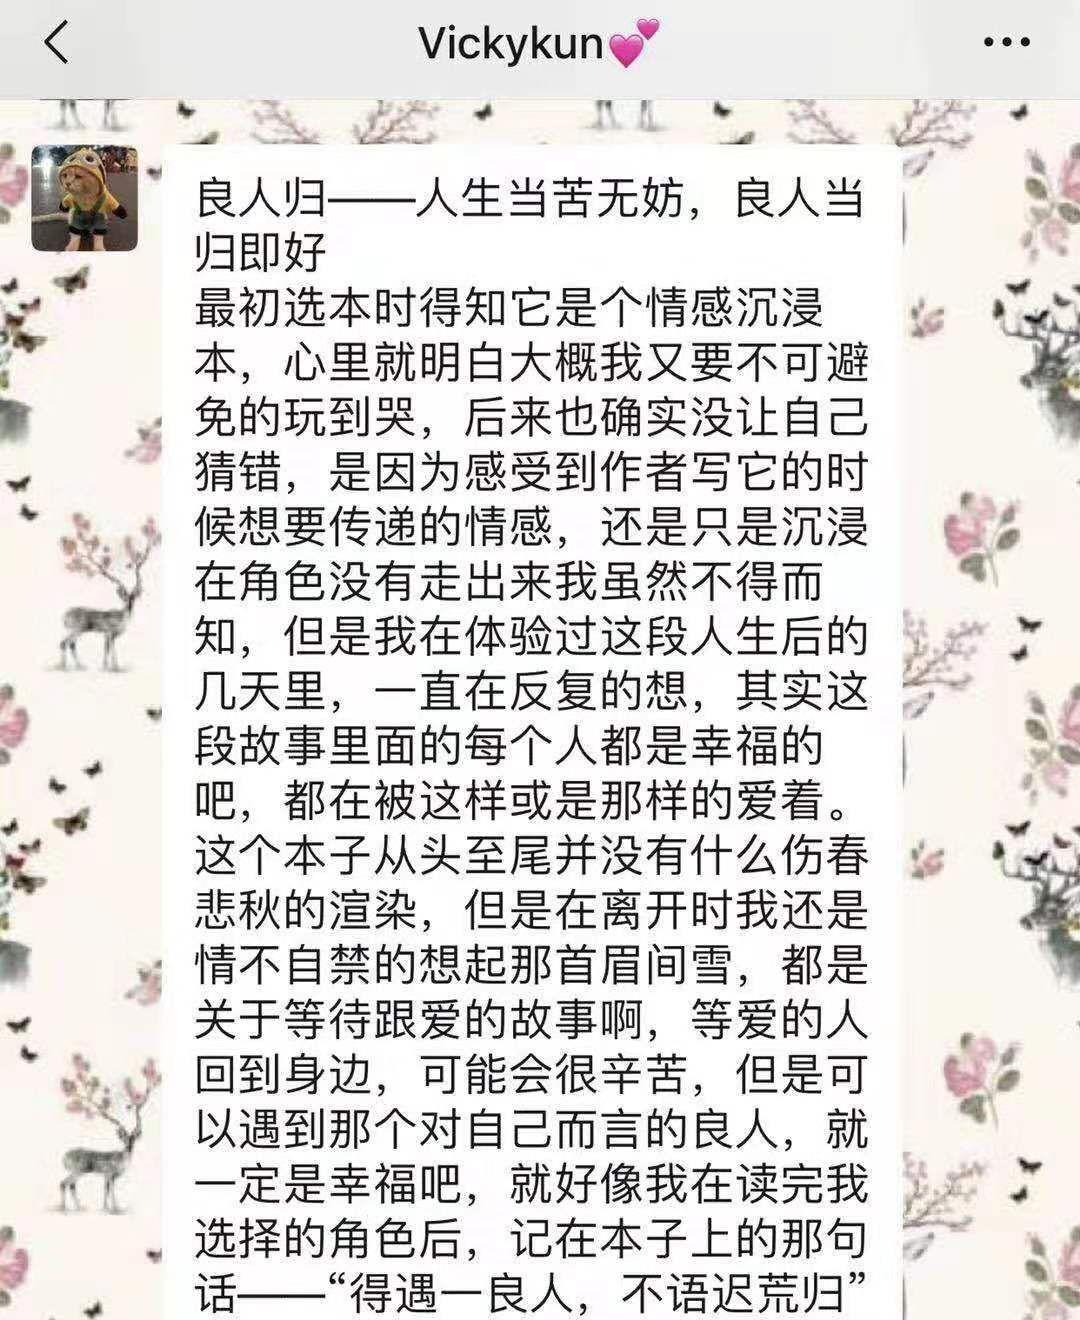 7人本《良人归》剧本杀线索复盘真相剧透结局真凶手是谁?-14